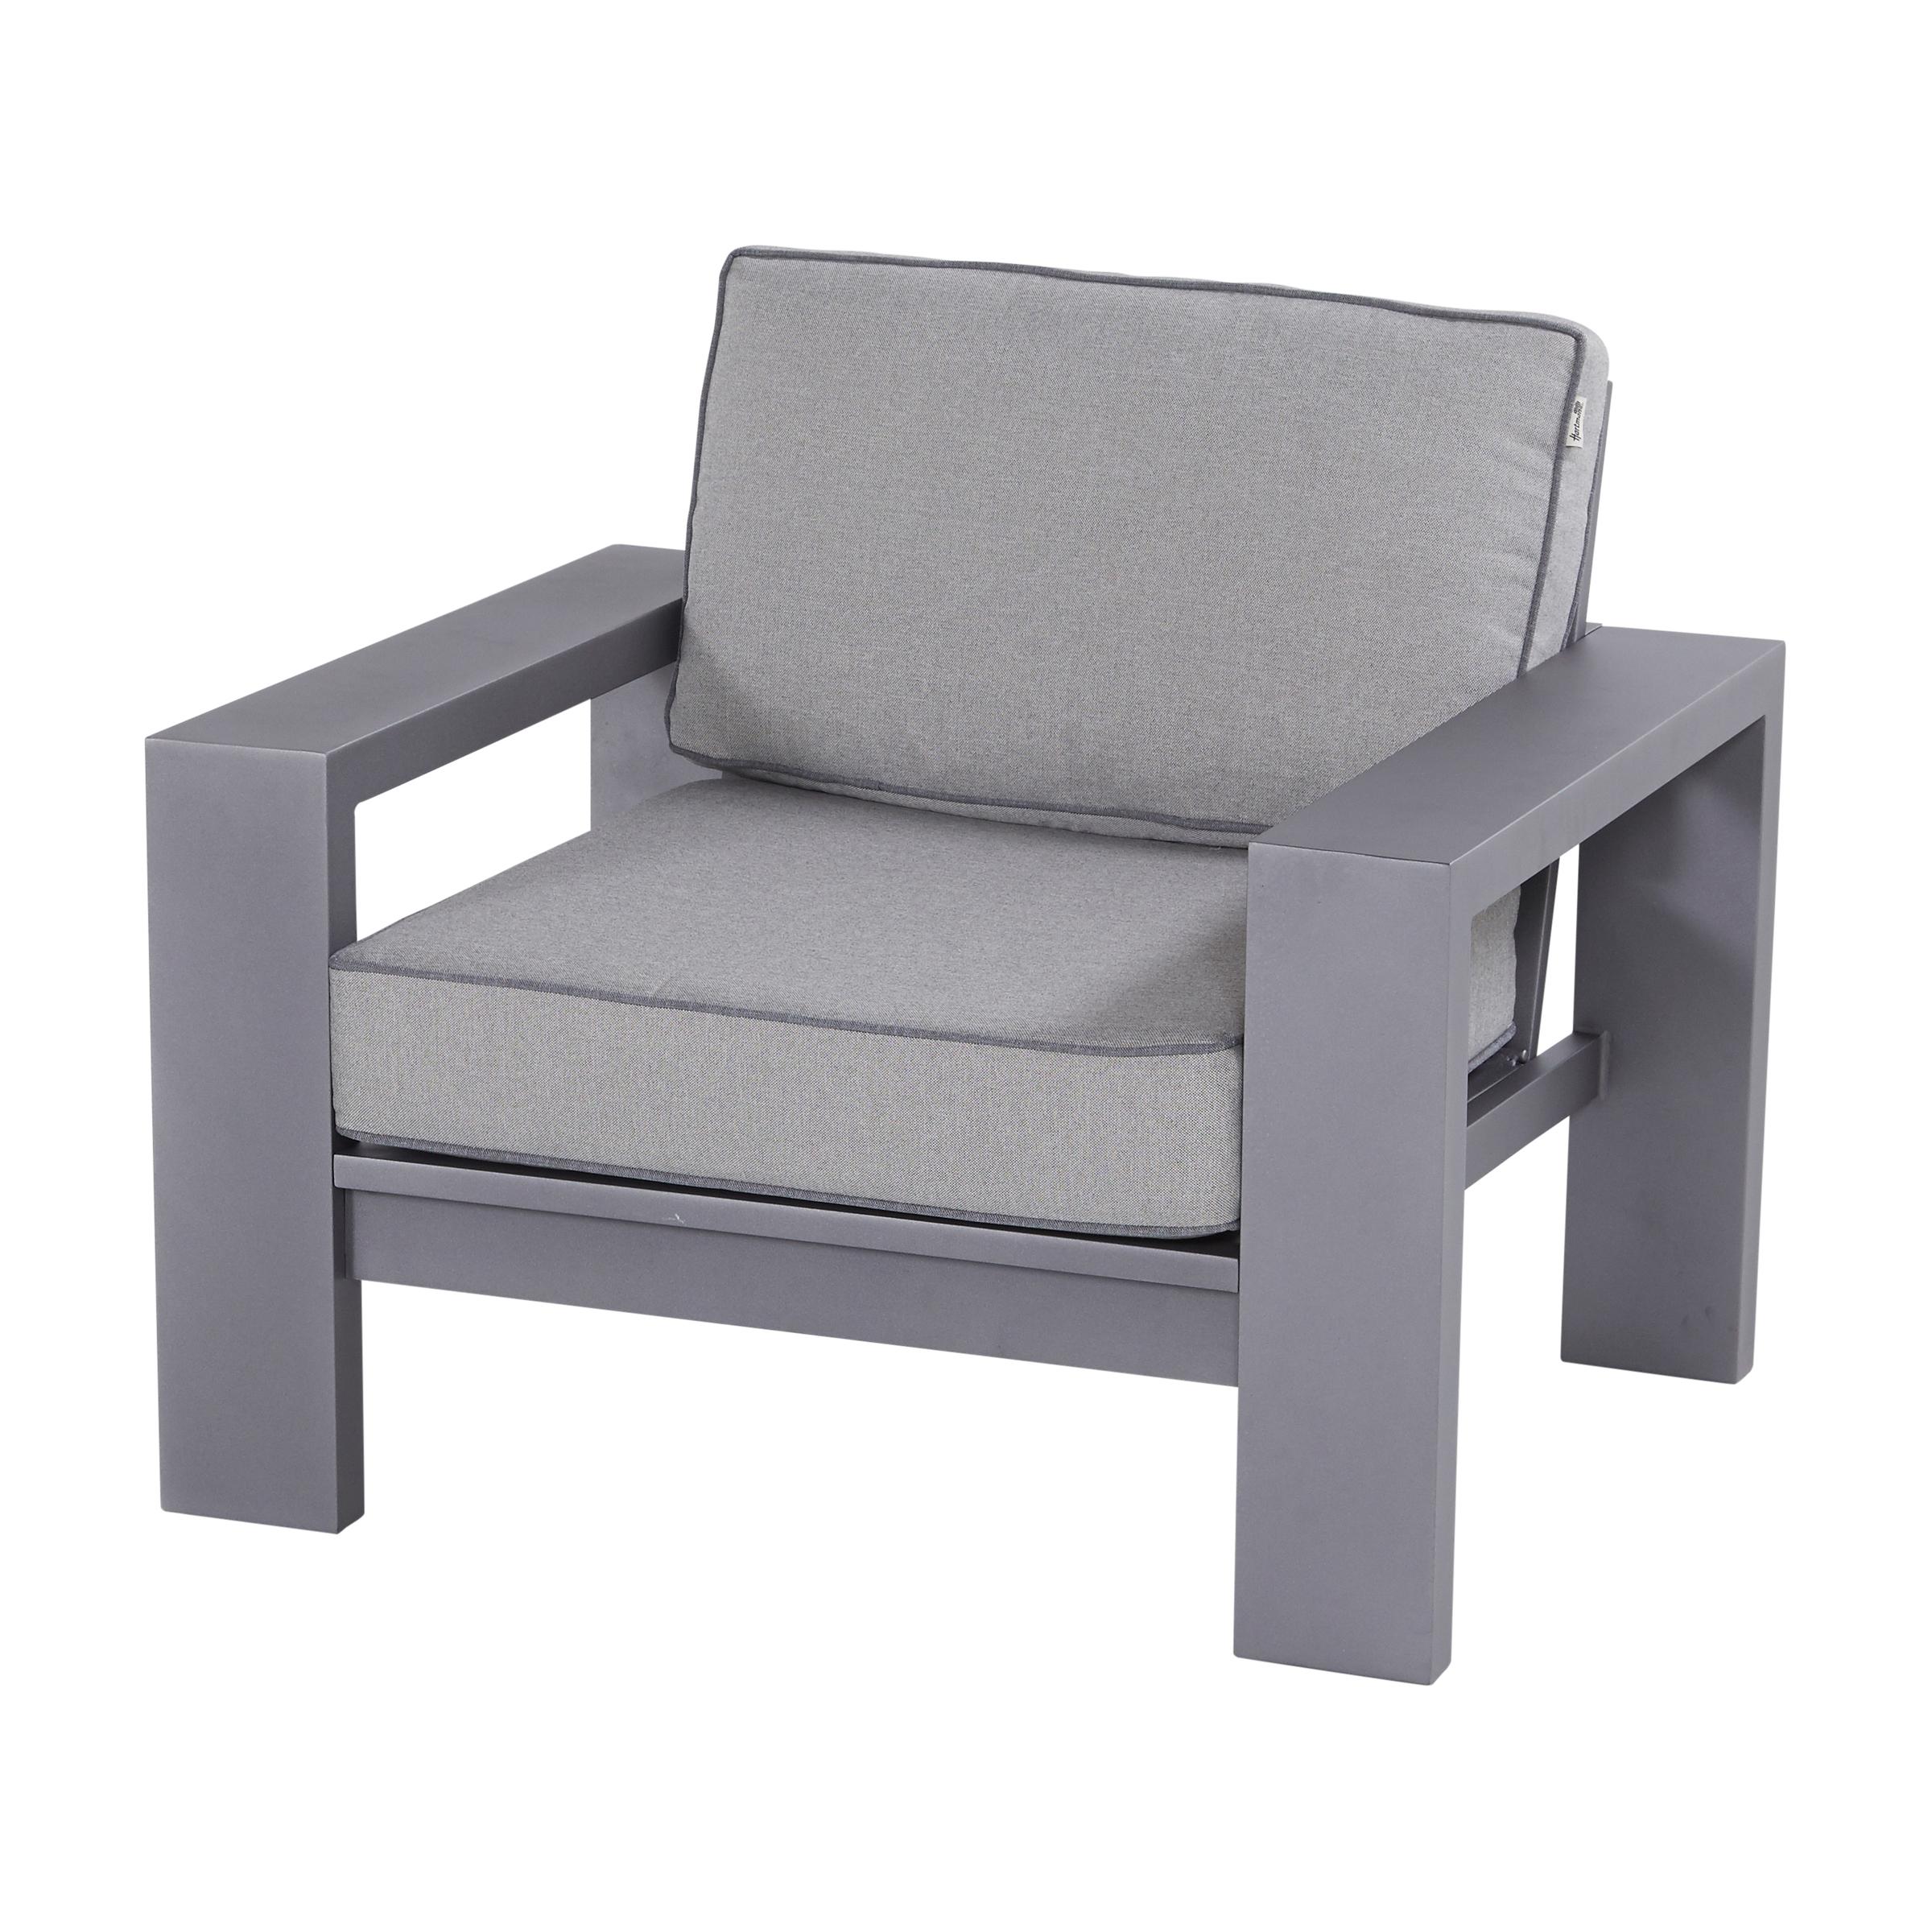 Hartman Outdoor loungestoel 'Titan', kleur Grijs